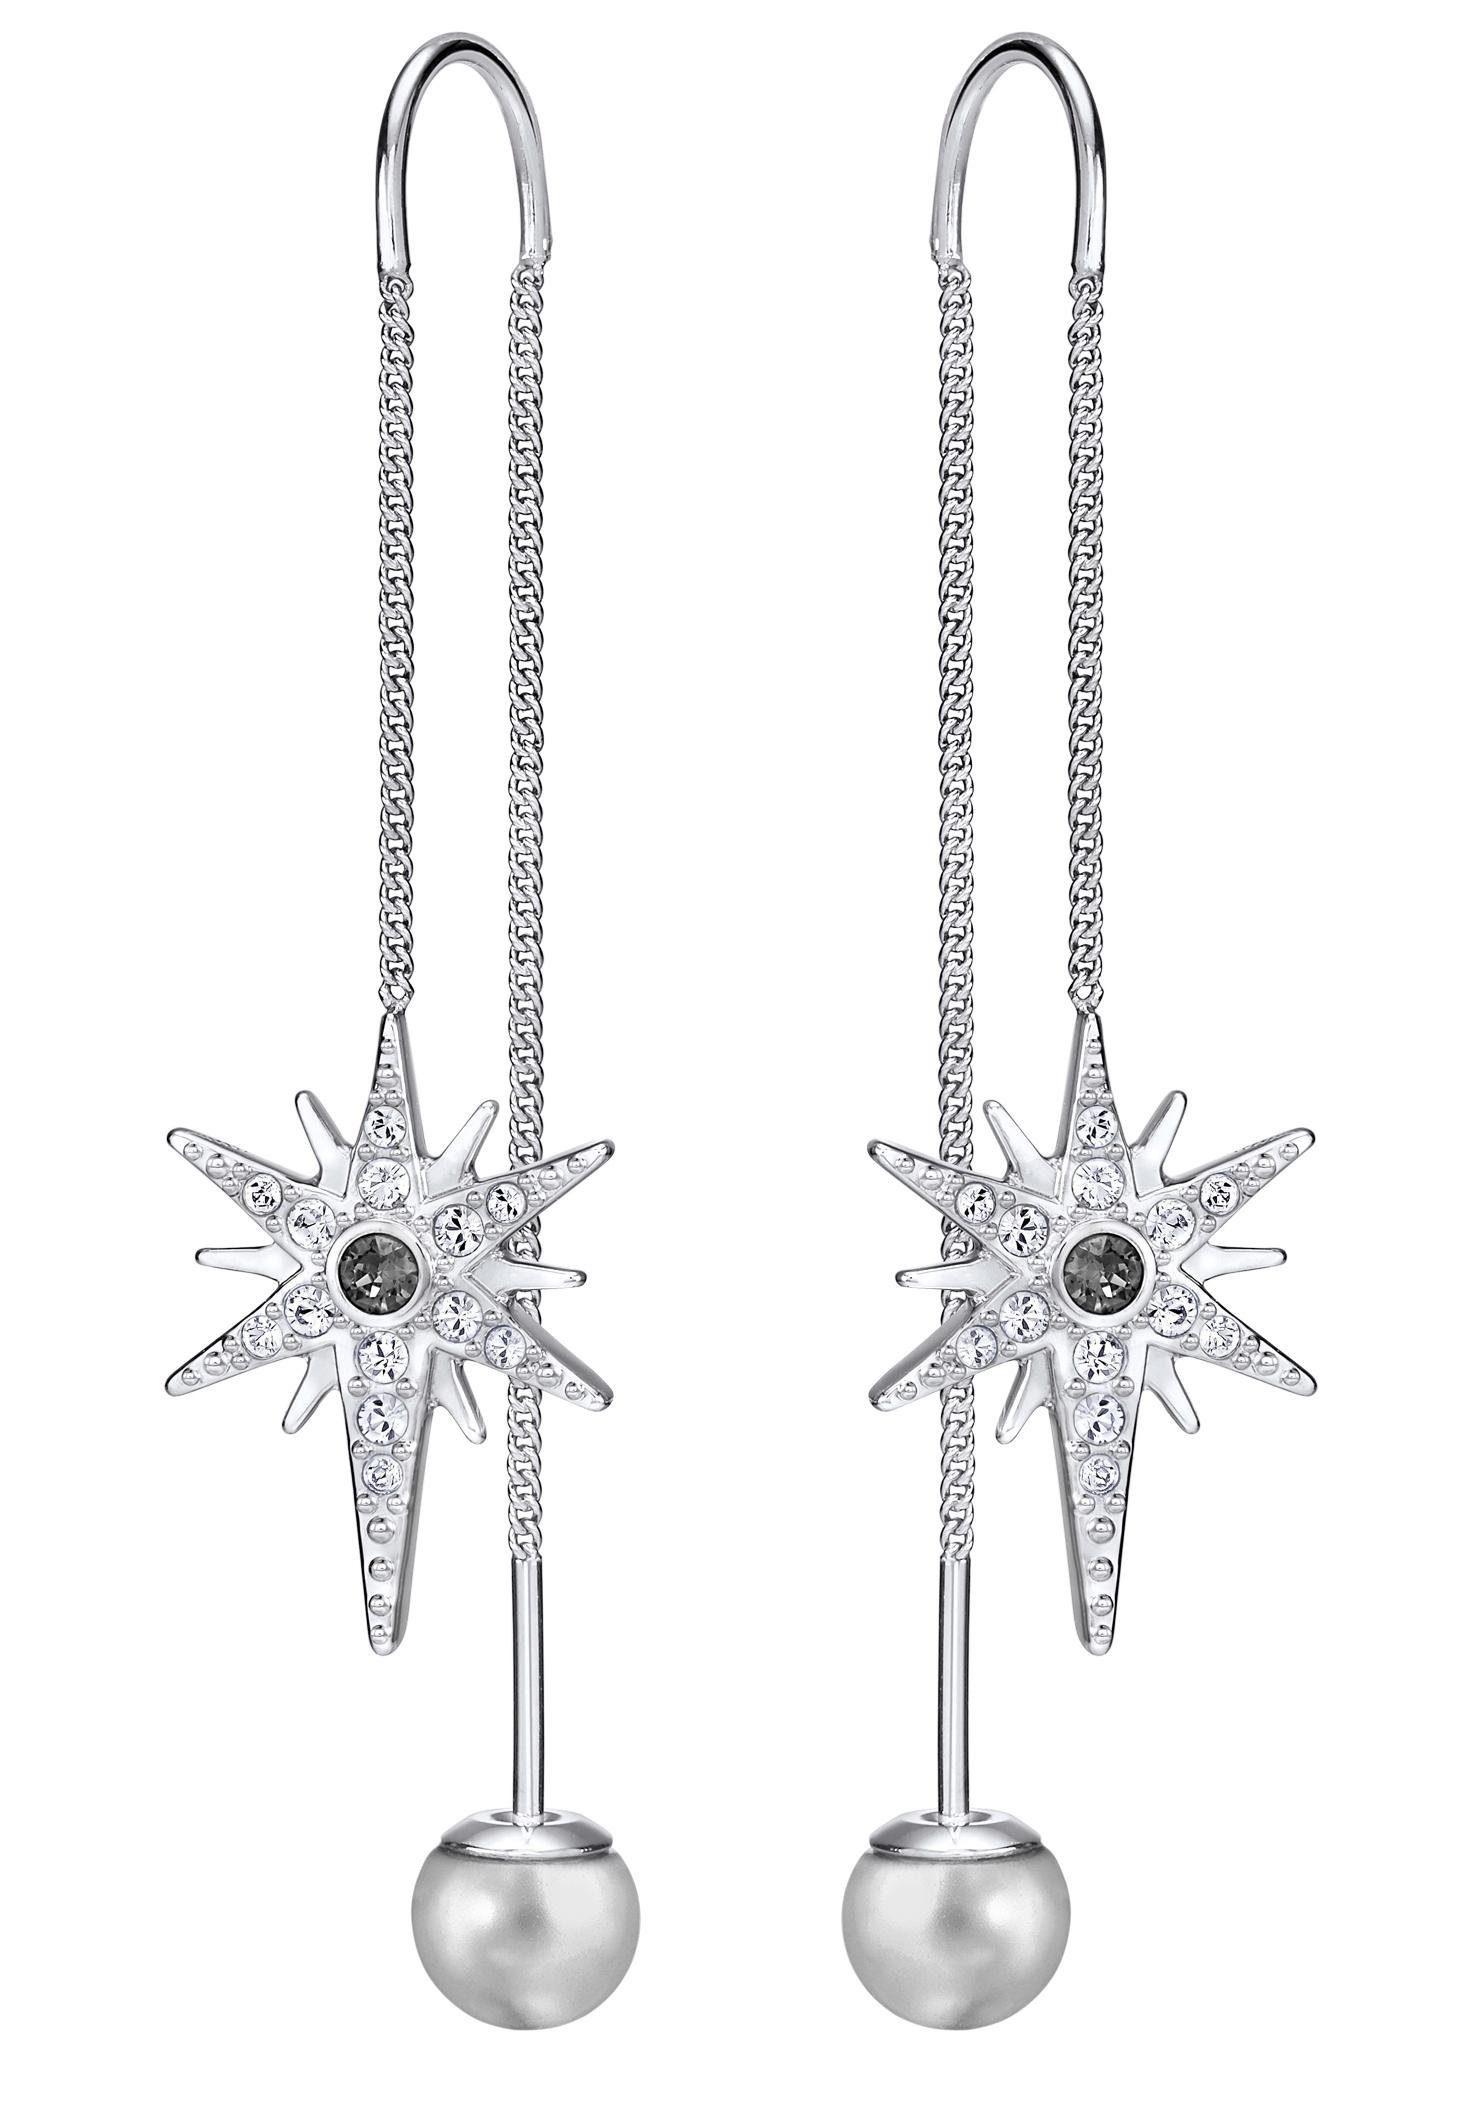 Swarovski Paar Ohrhänger »Fantastic Chain, weiss, rhodiniert, 5230603« mit Swarovski® Kristallen und Swarovski® Perlen